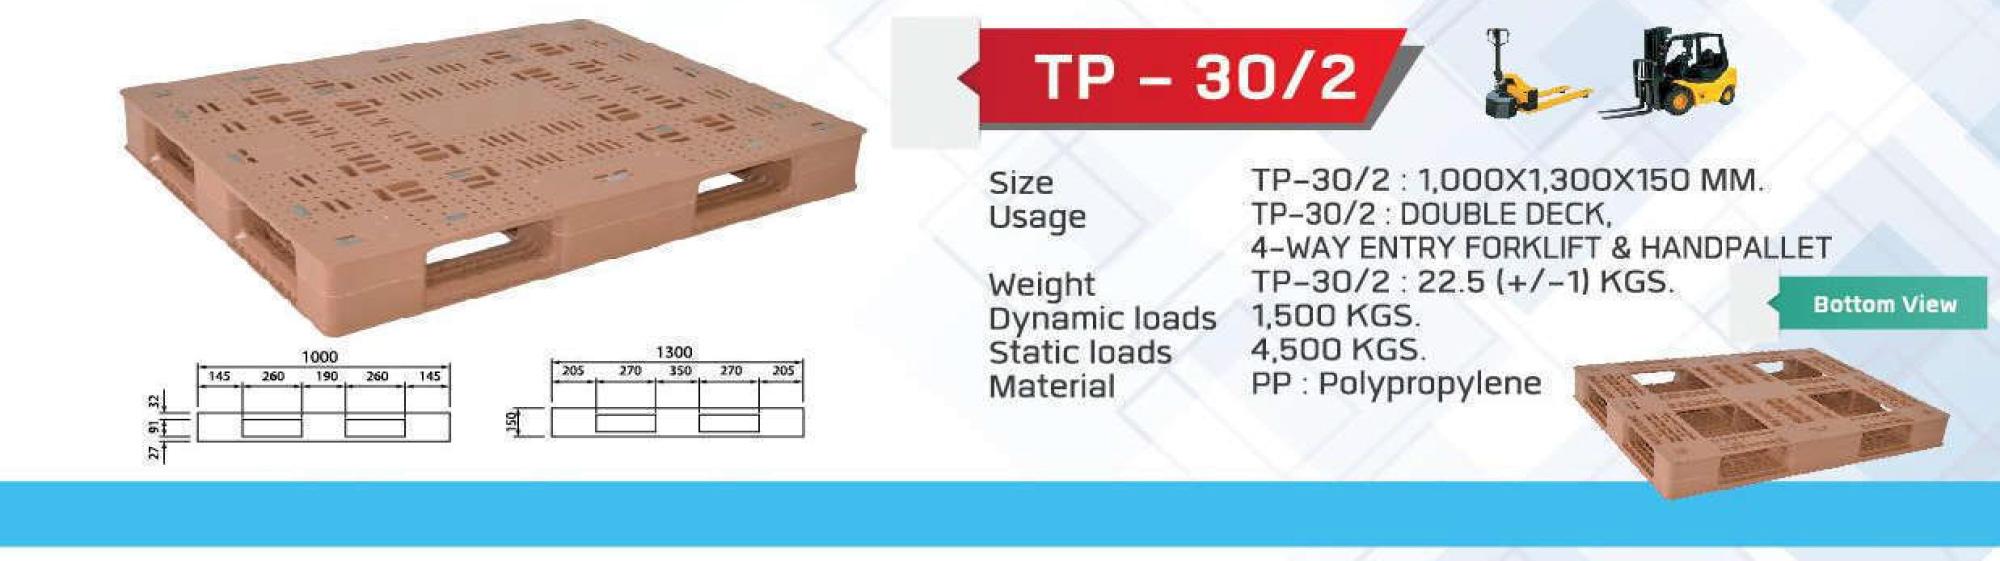 Non-Reversible-pallet-TP-30-2